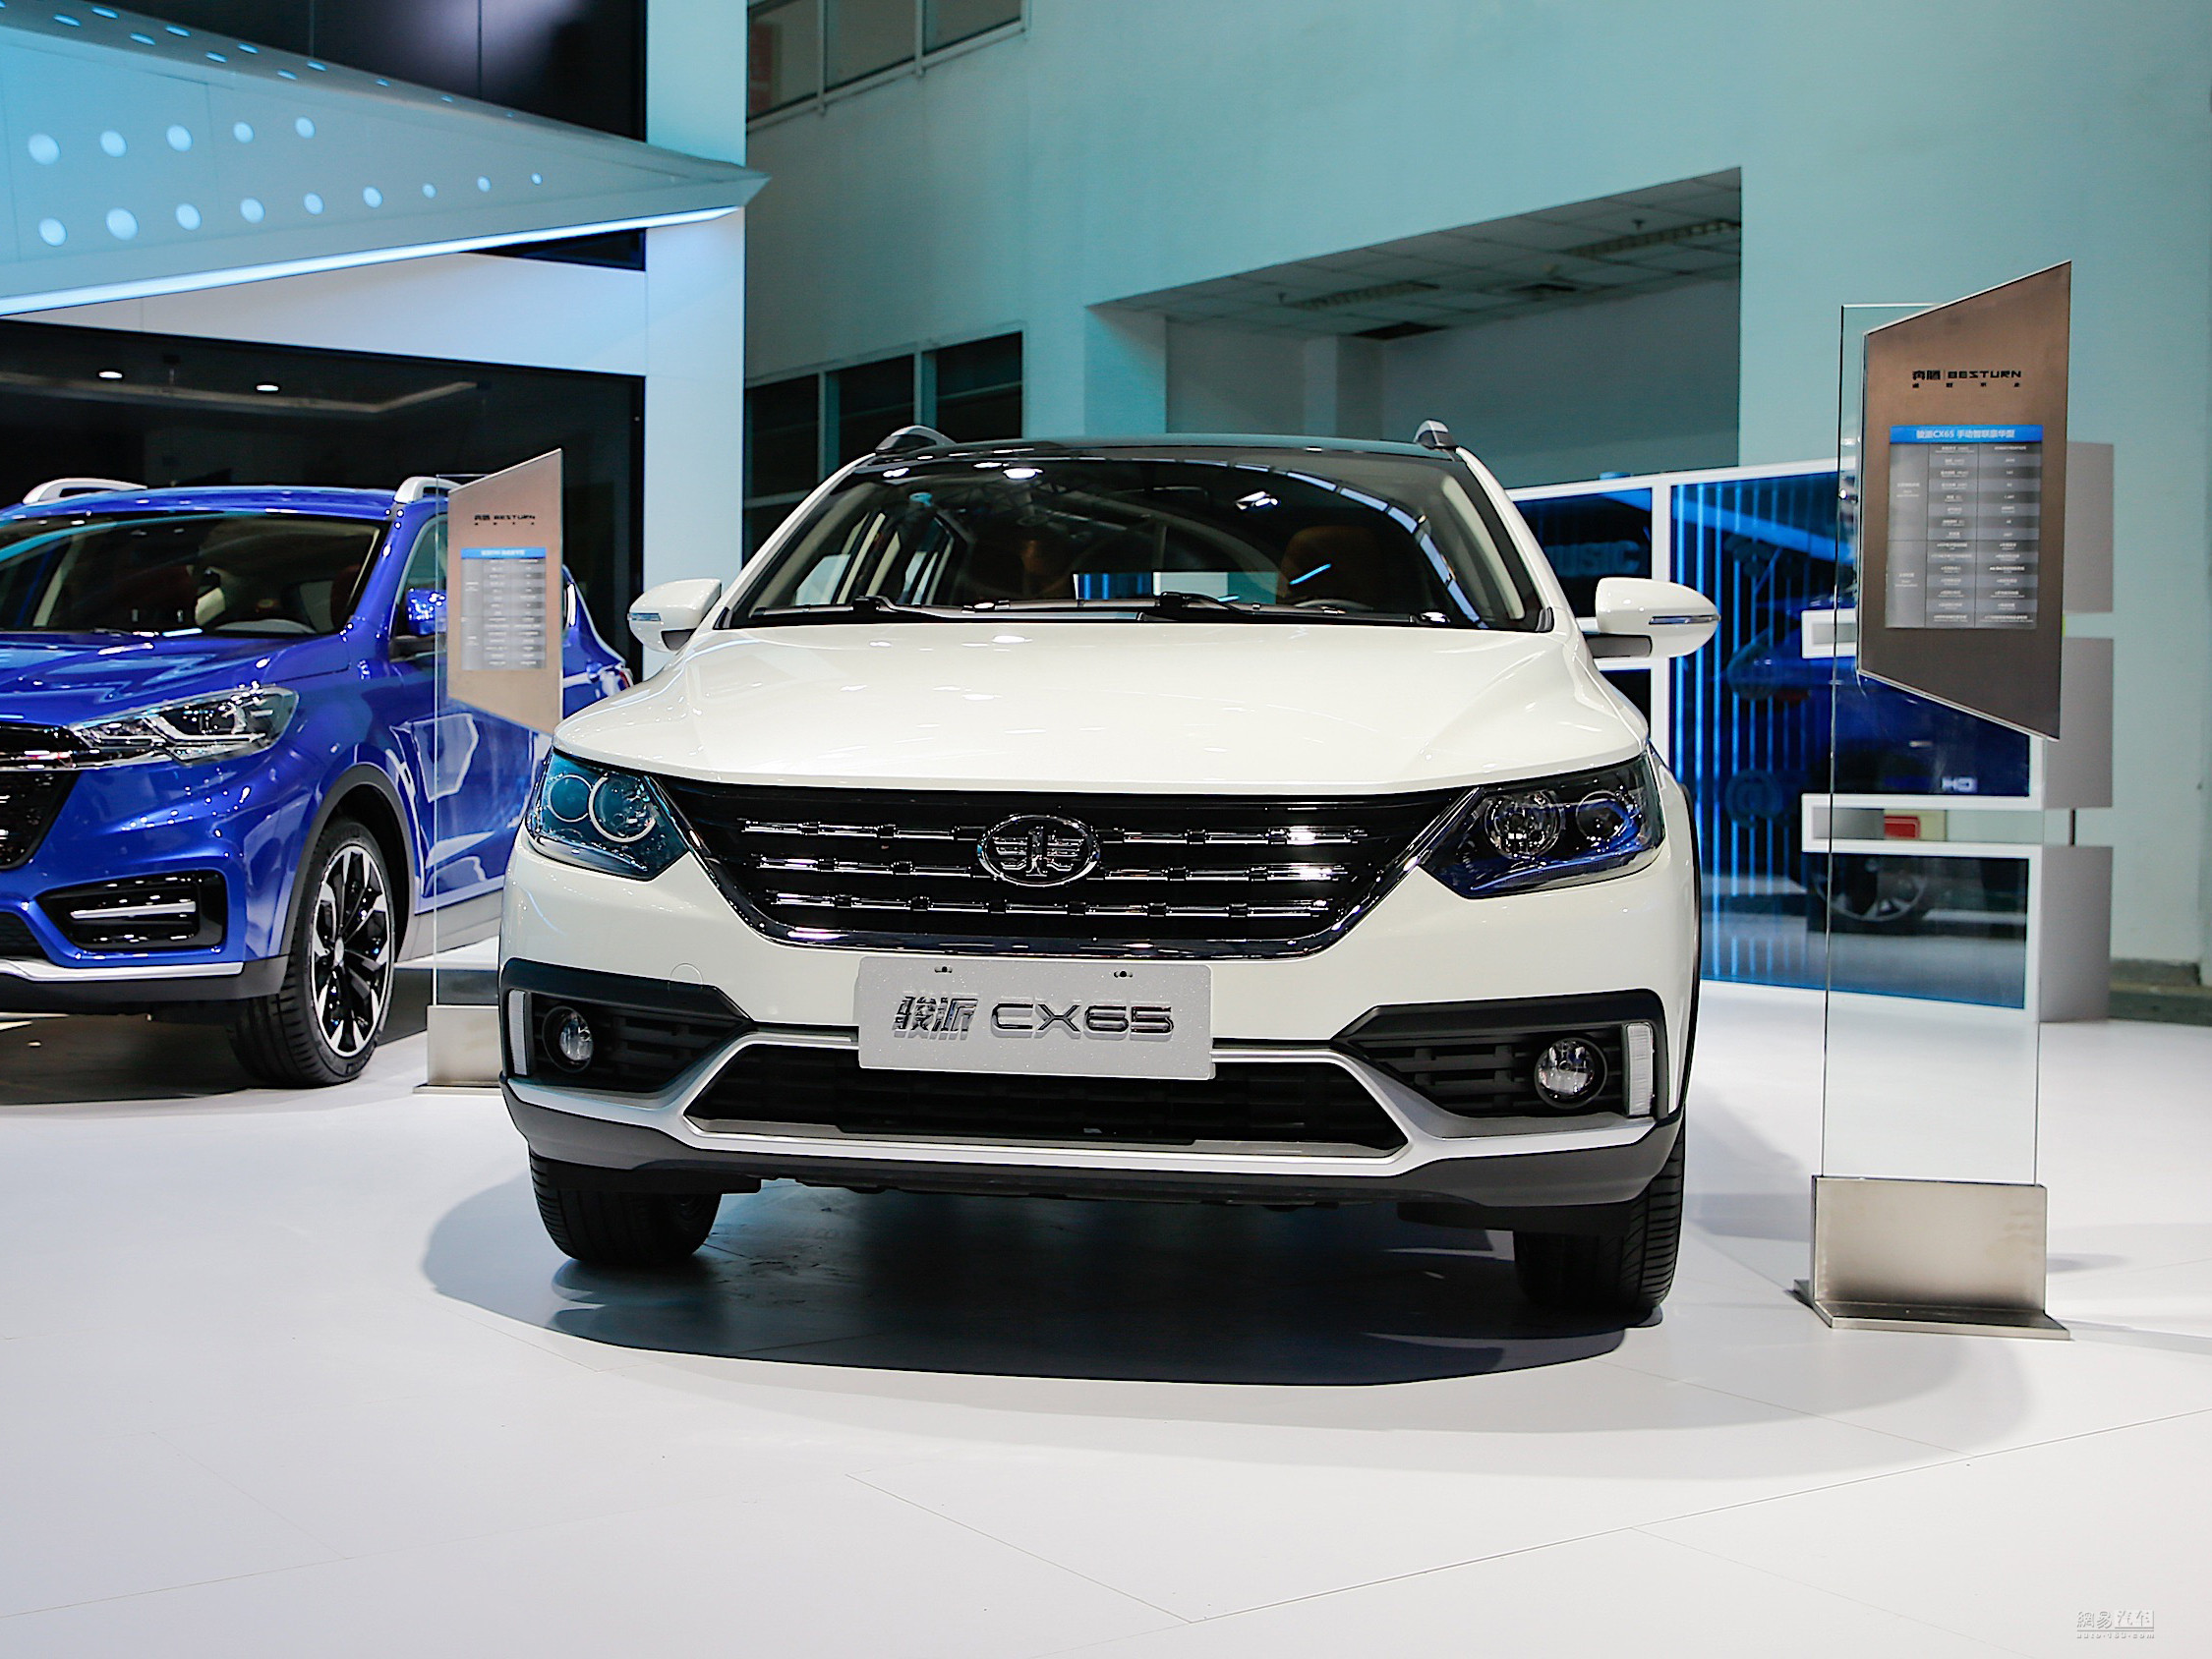 搭载1.5L/1.0T动力 骏派CX65将5月17日上市